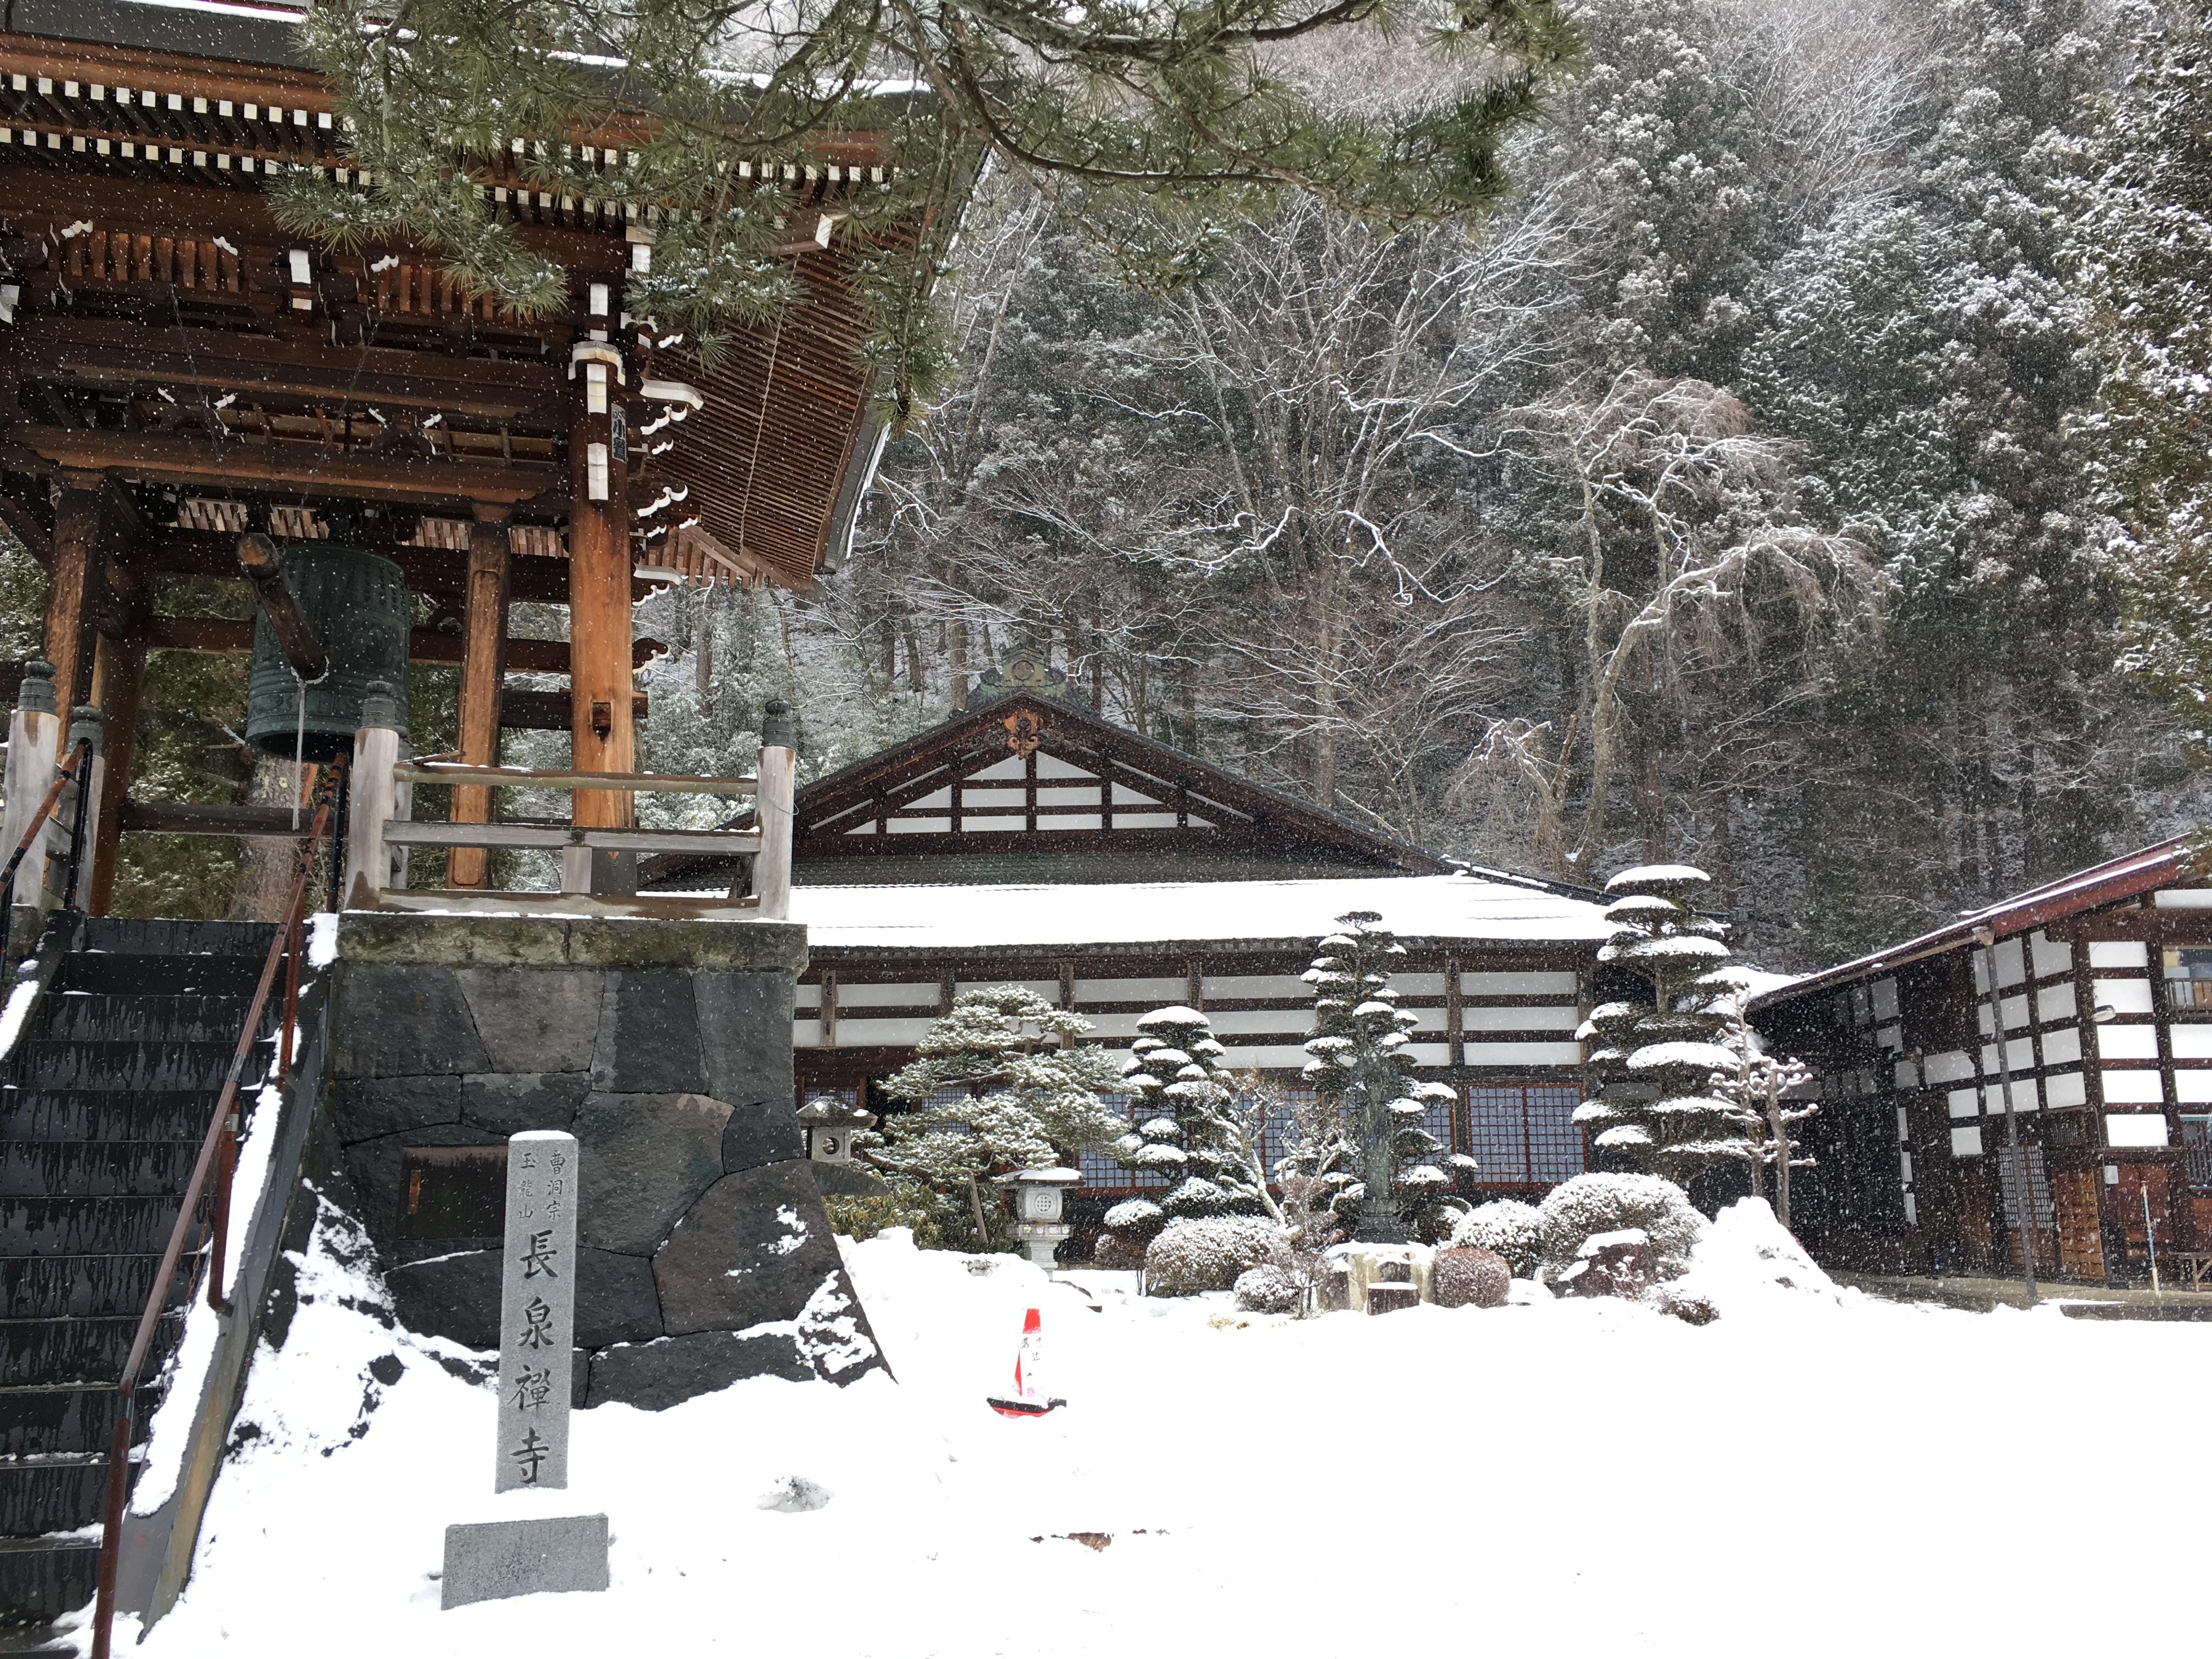 奈良井宿 五ヶ寺